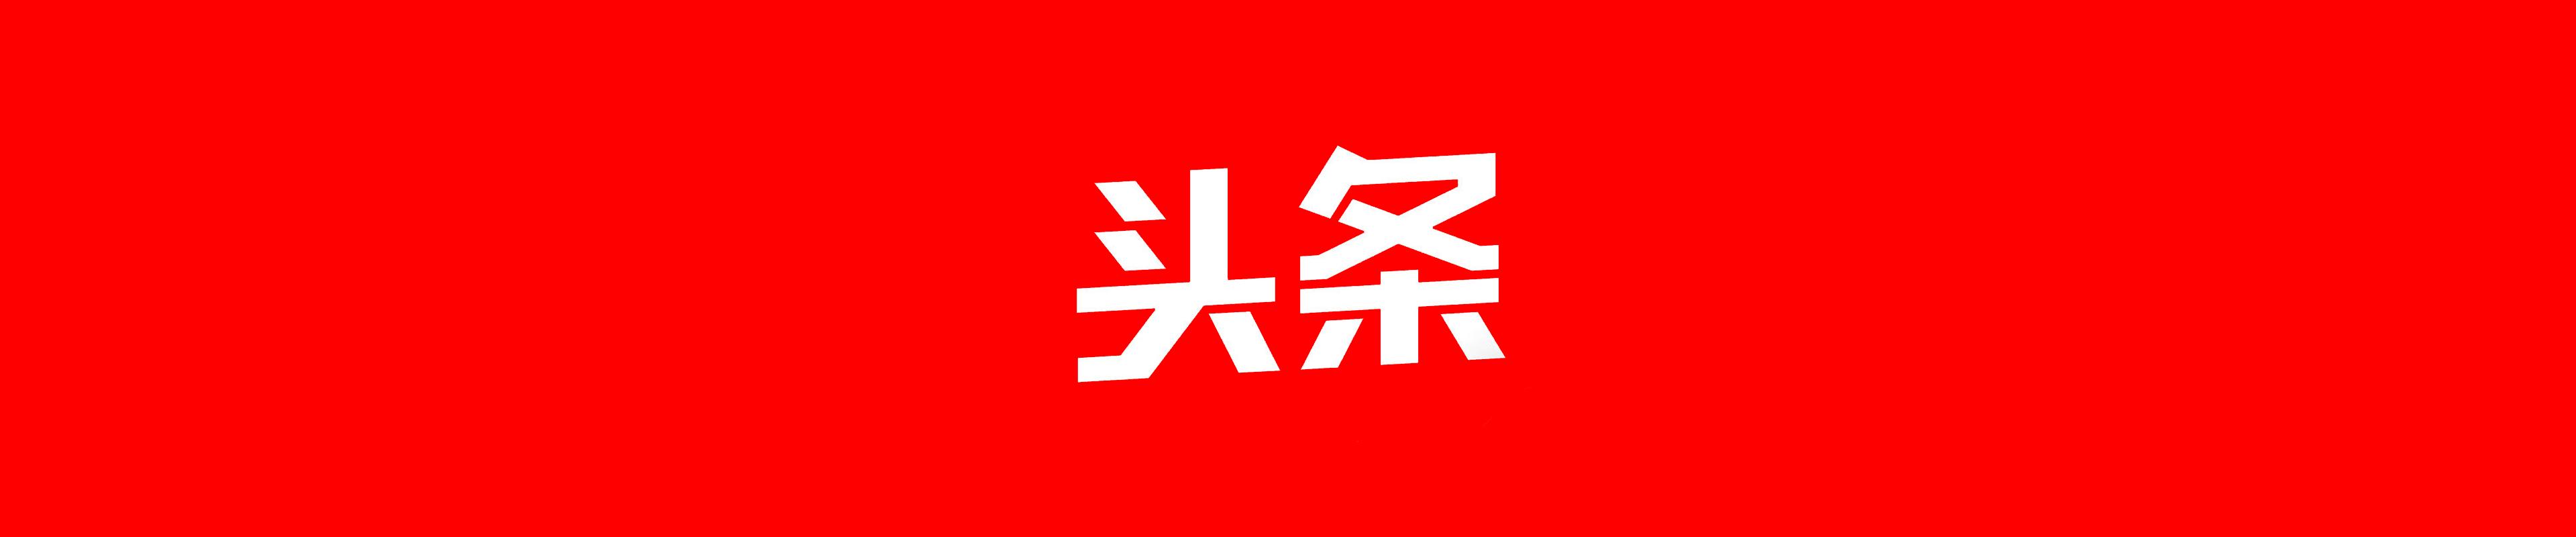 [已购]今日头条(专业版)-草蜢资源